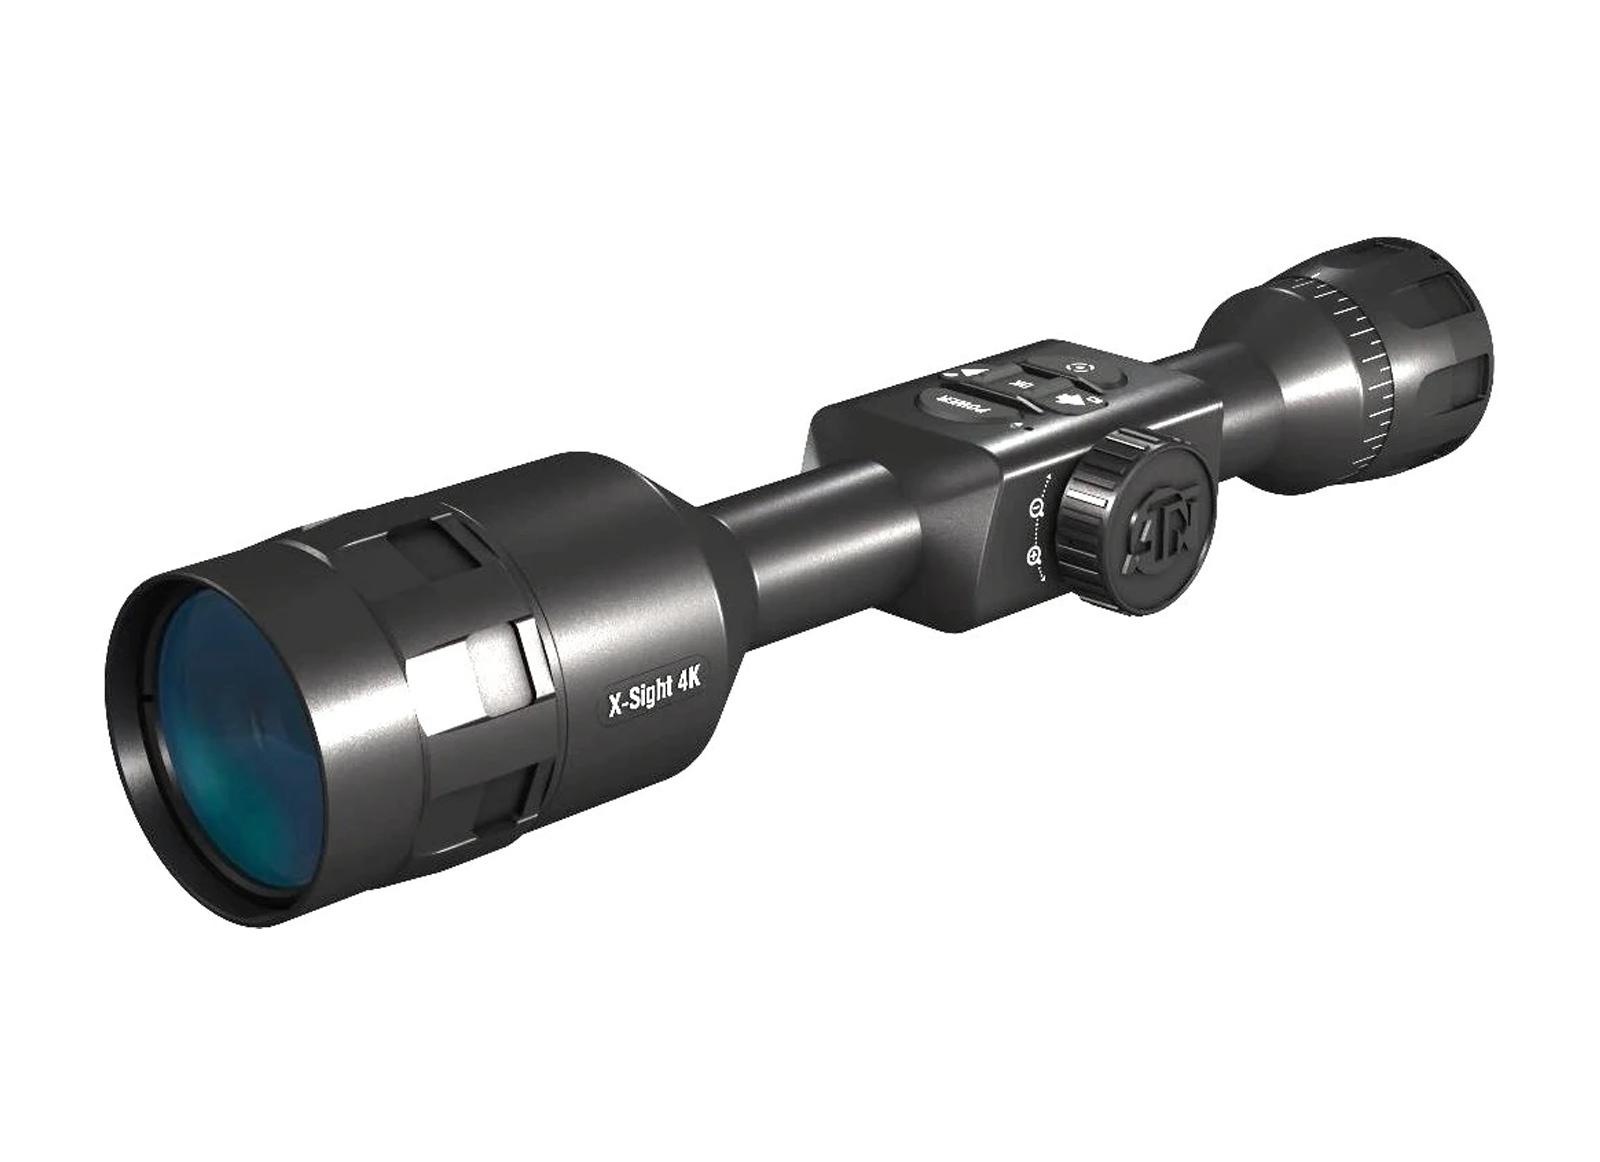 ATN OTTICA X-SIGHT 4K PRO 3-14X